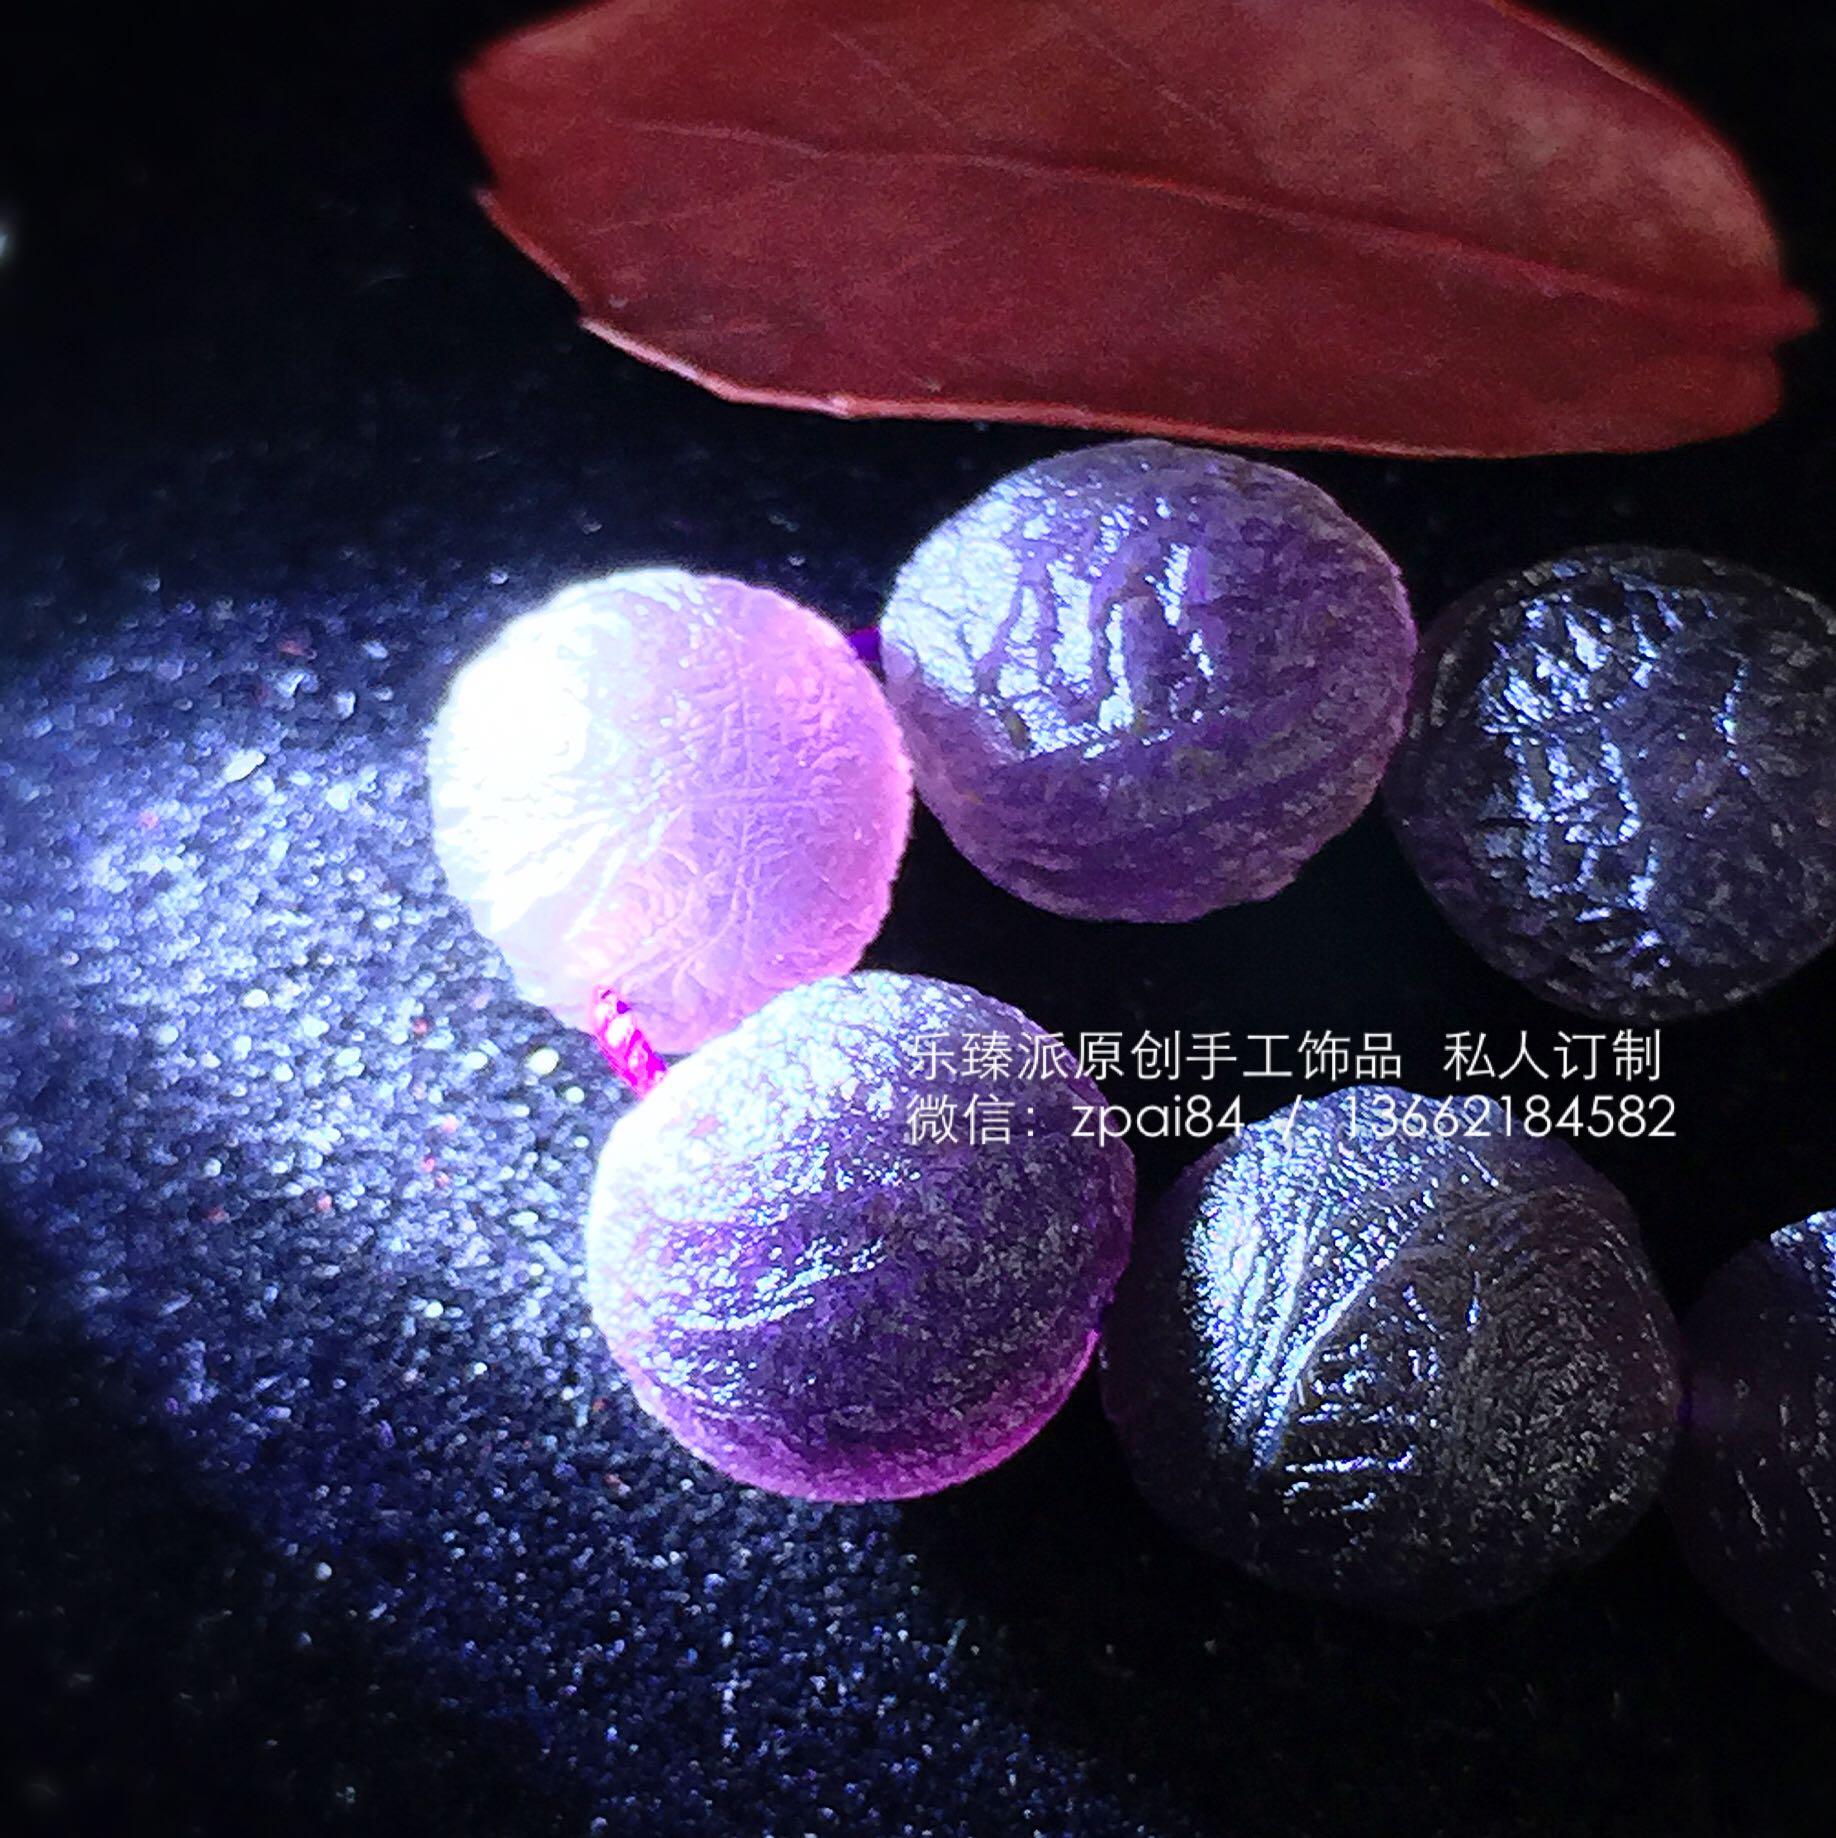 天然阿拉善紫罗兰玛瑙戈壁原石手串原矿多彩糖心经脉石手链暗紫色